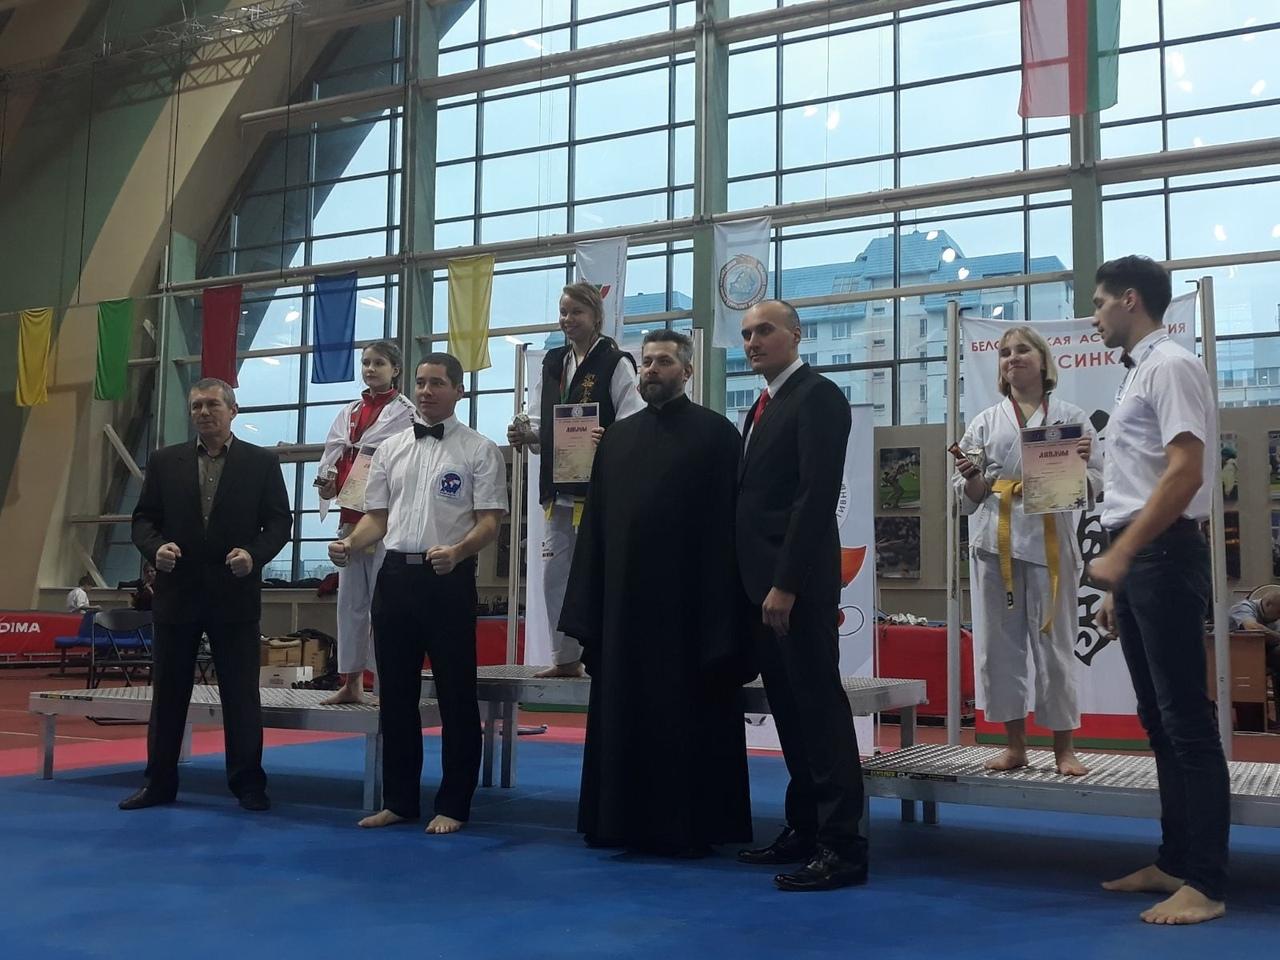 Евгения Можейко (1-е место).